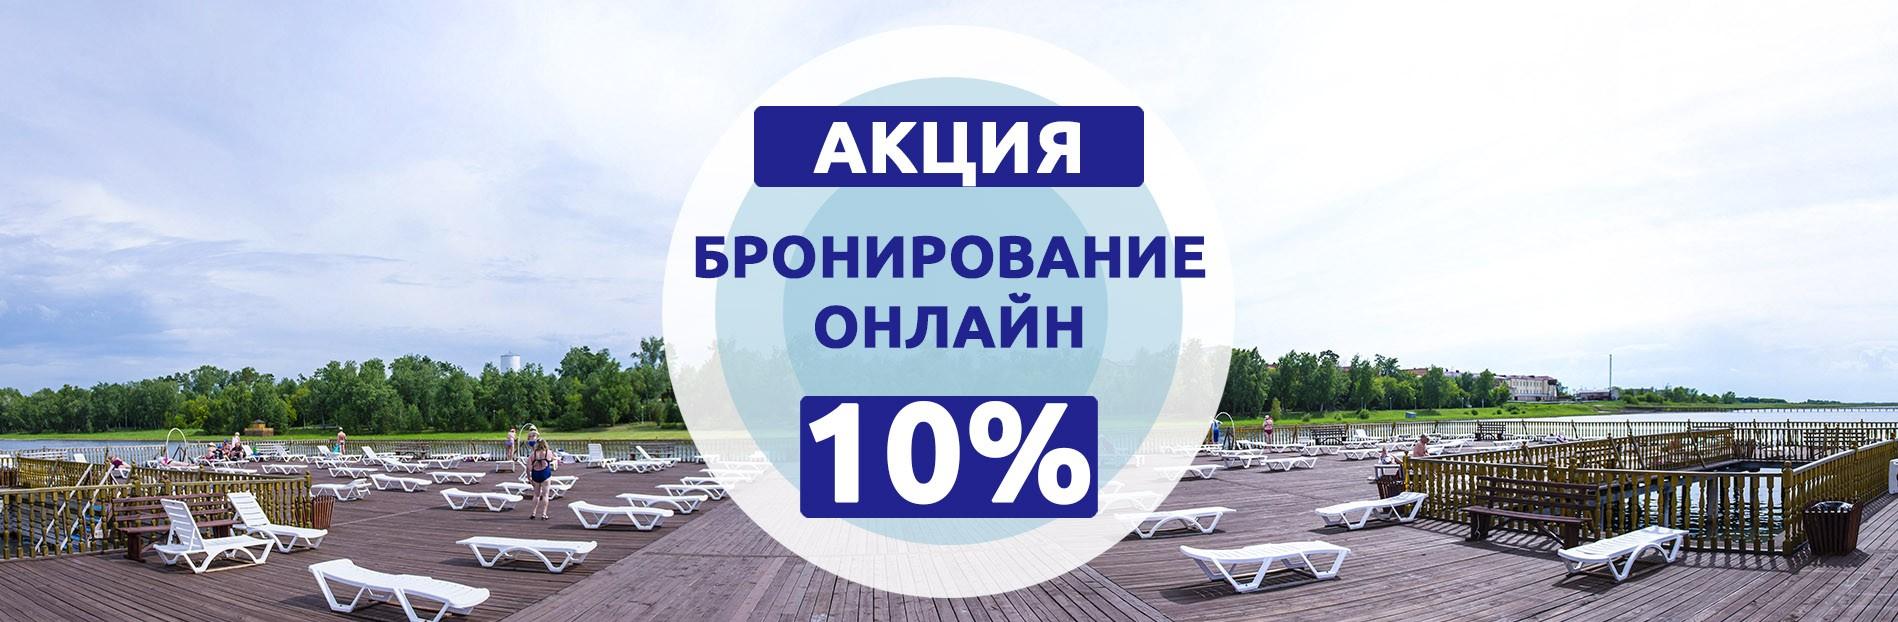 Дарим скидку 10% онлайн